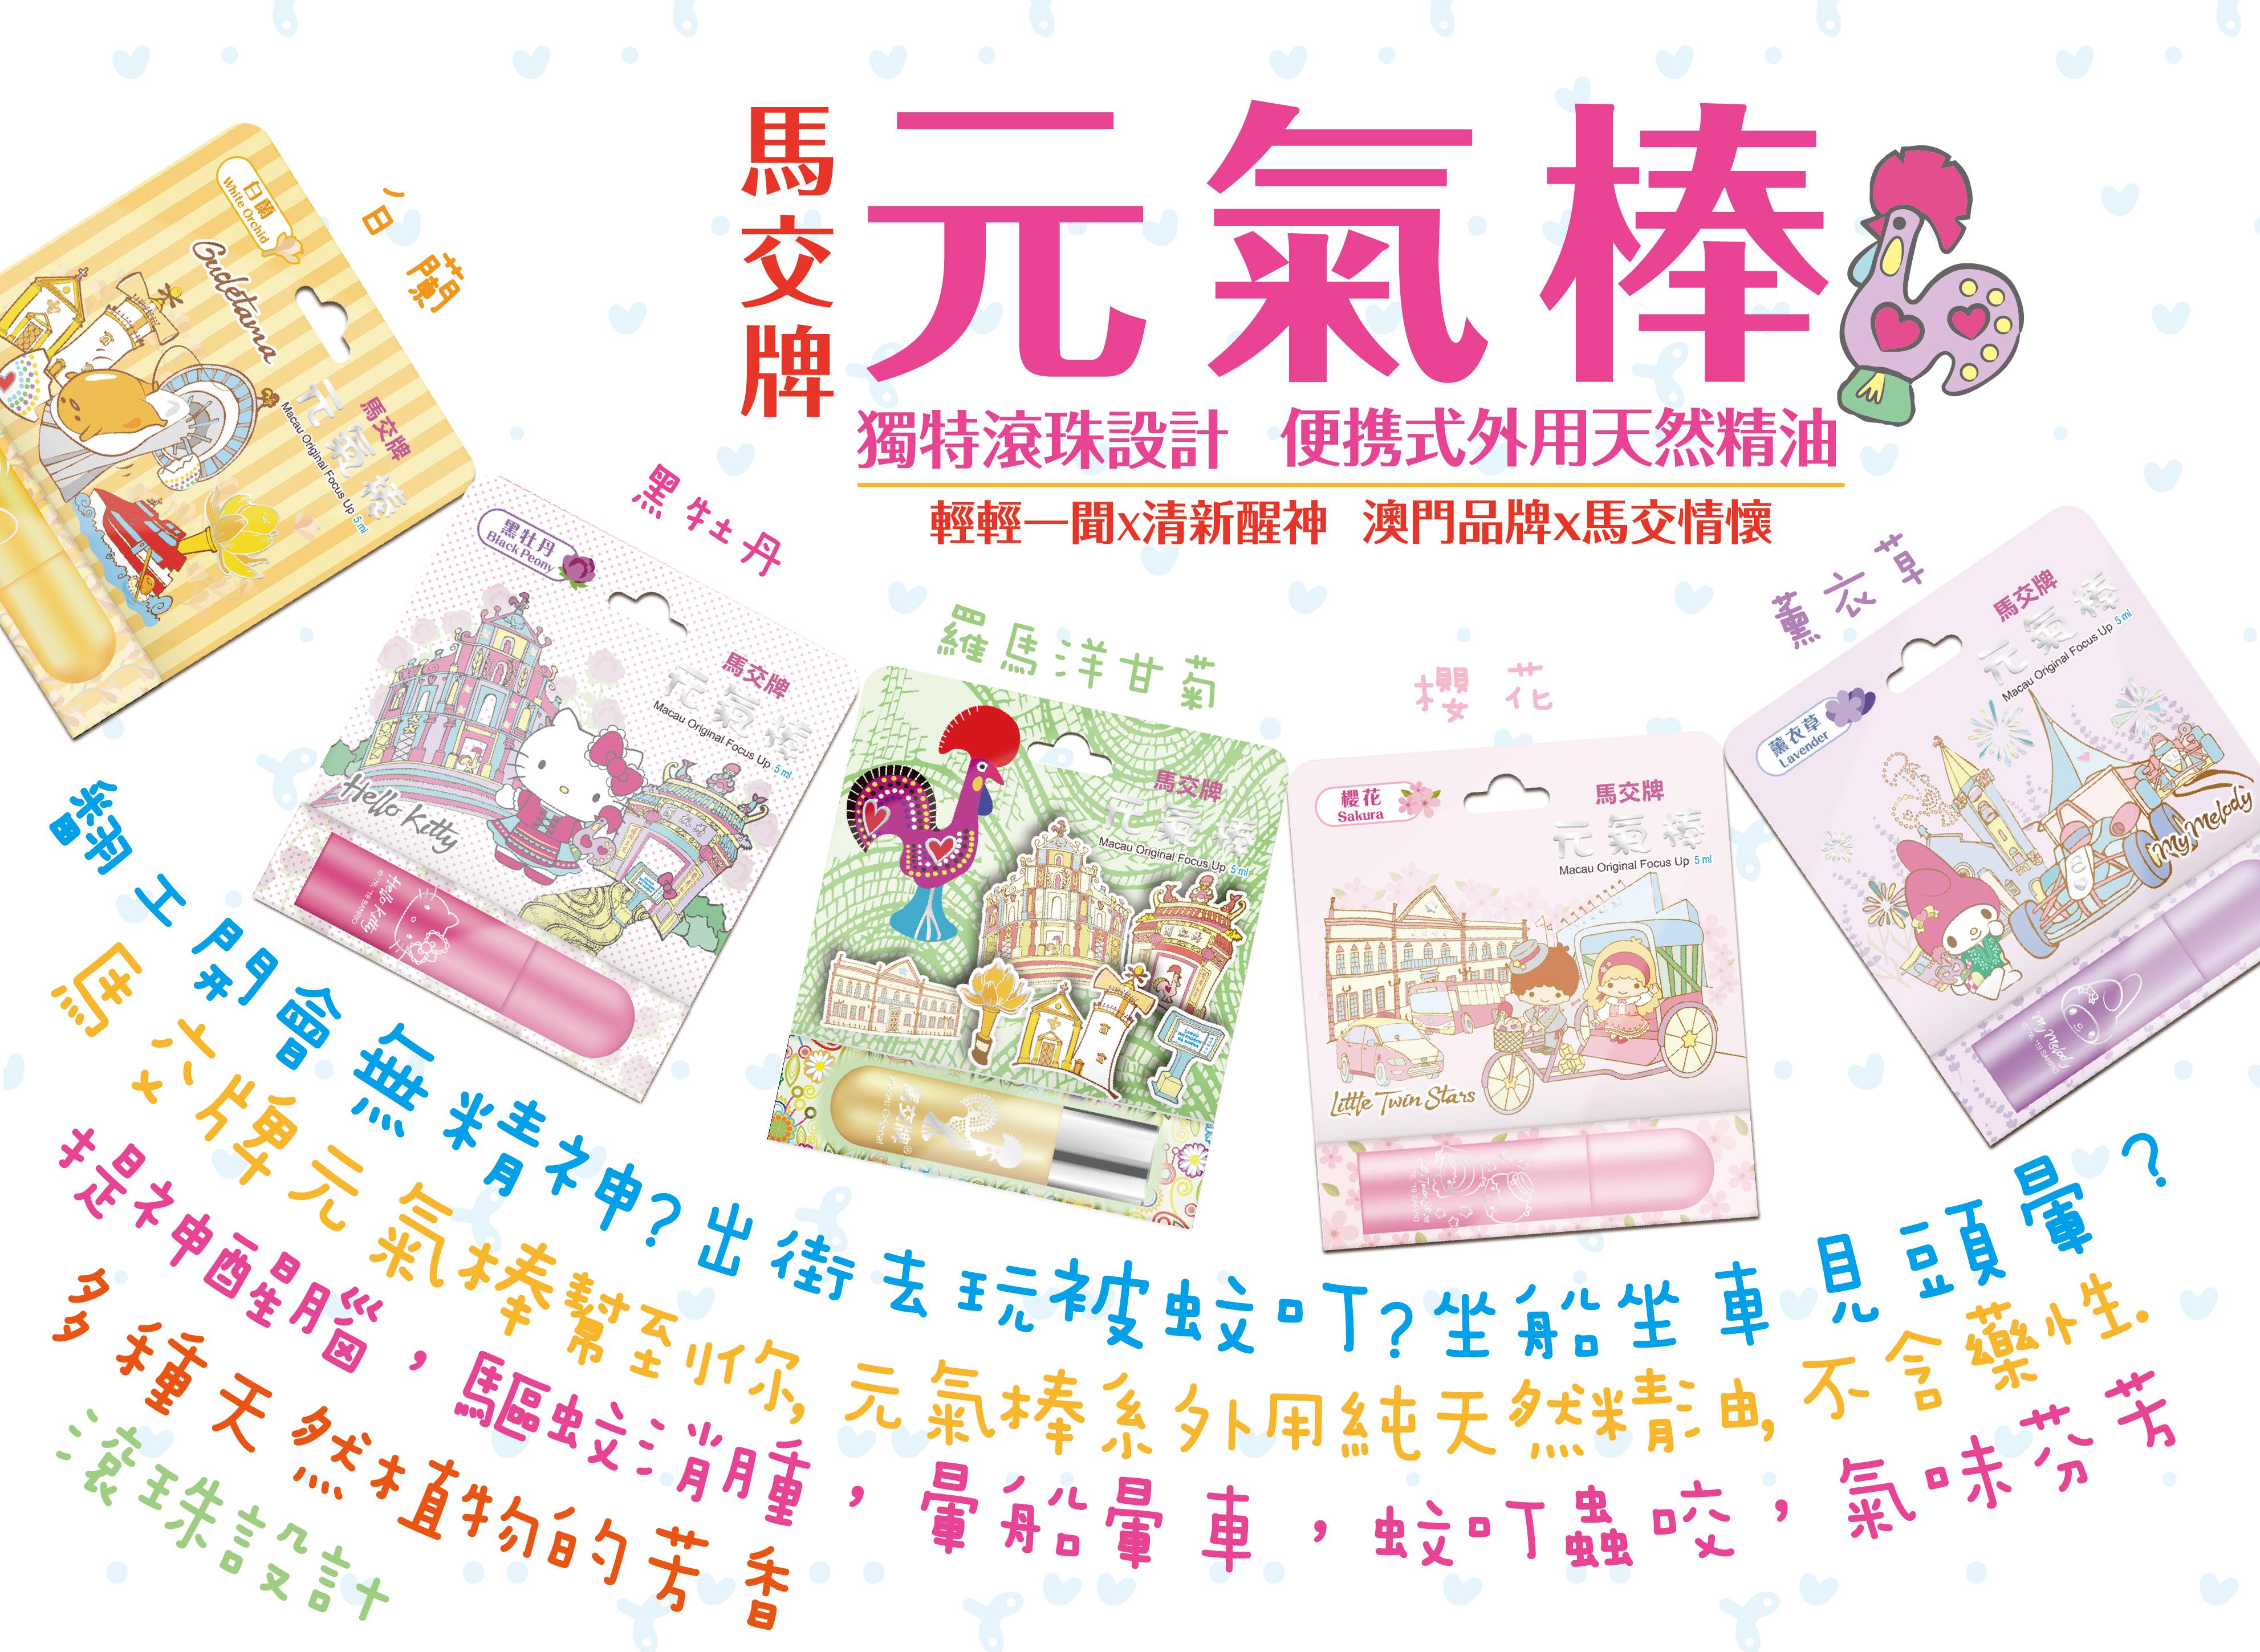 2020年2月 -3月馬交牌推广文案-02